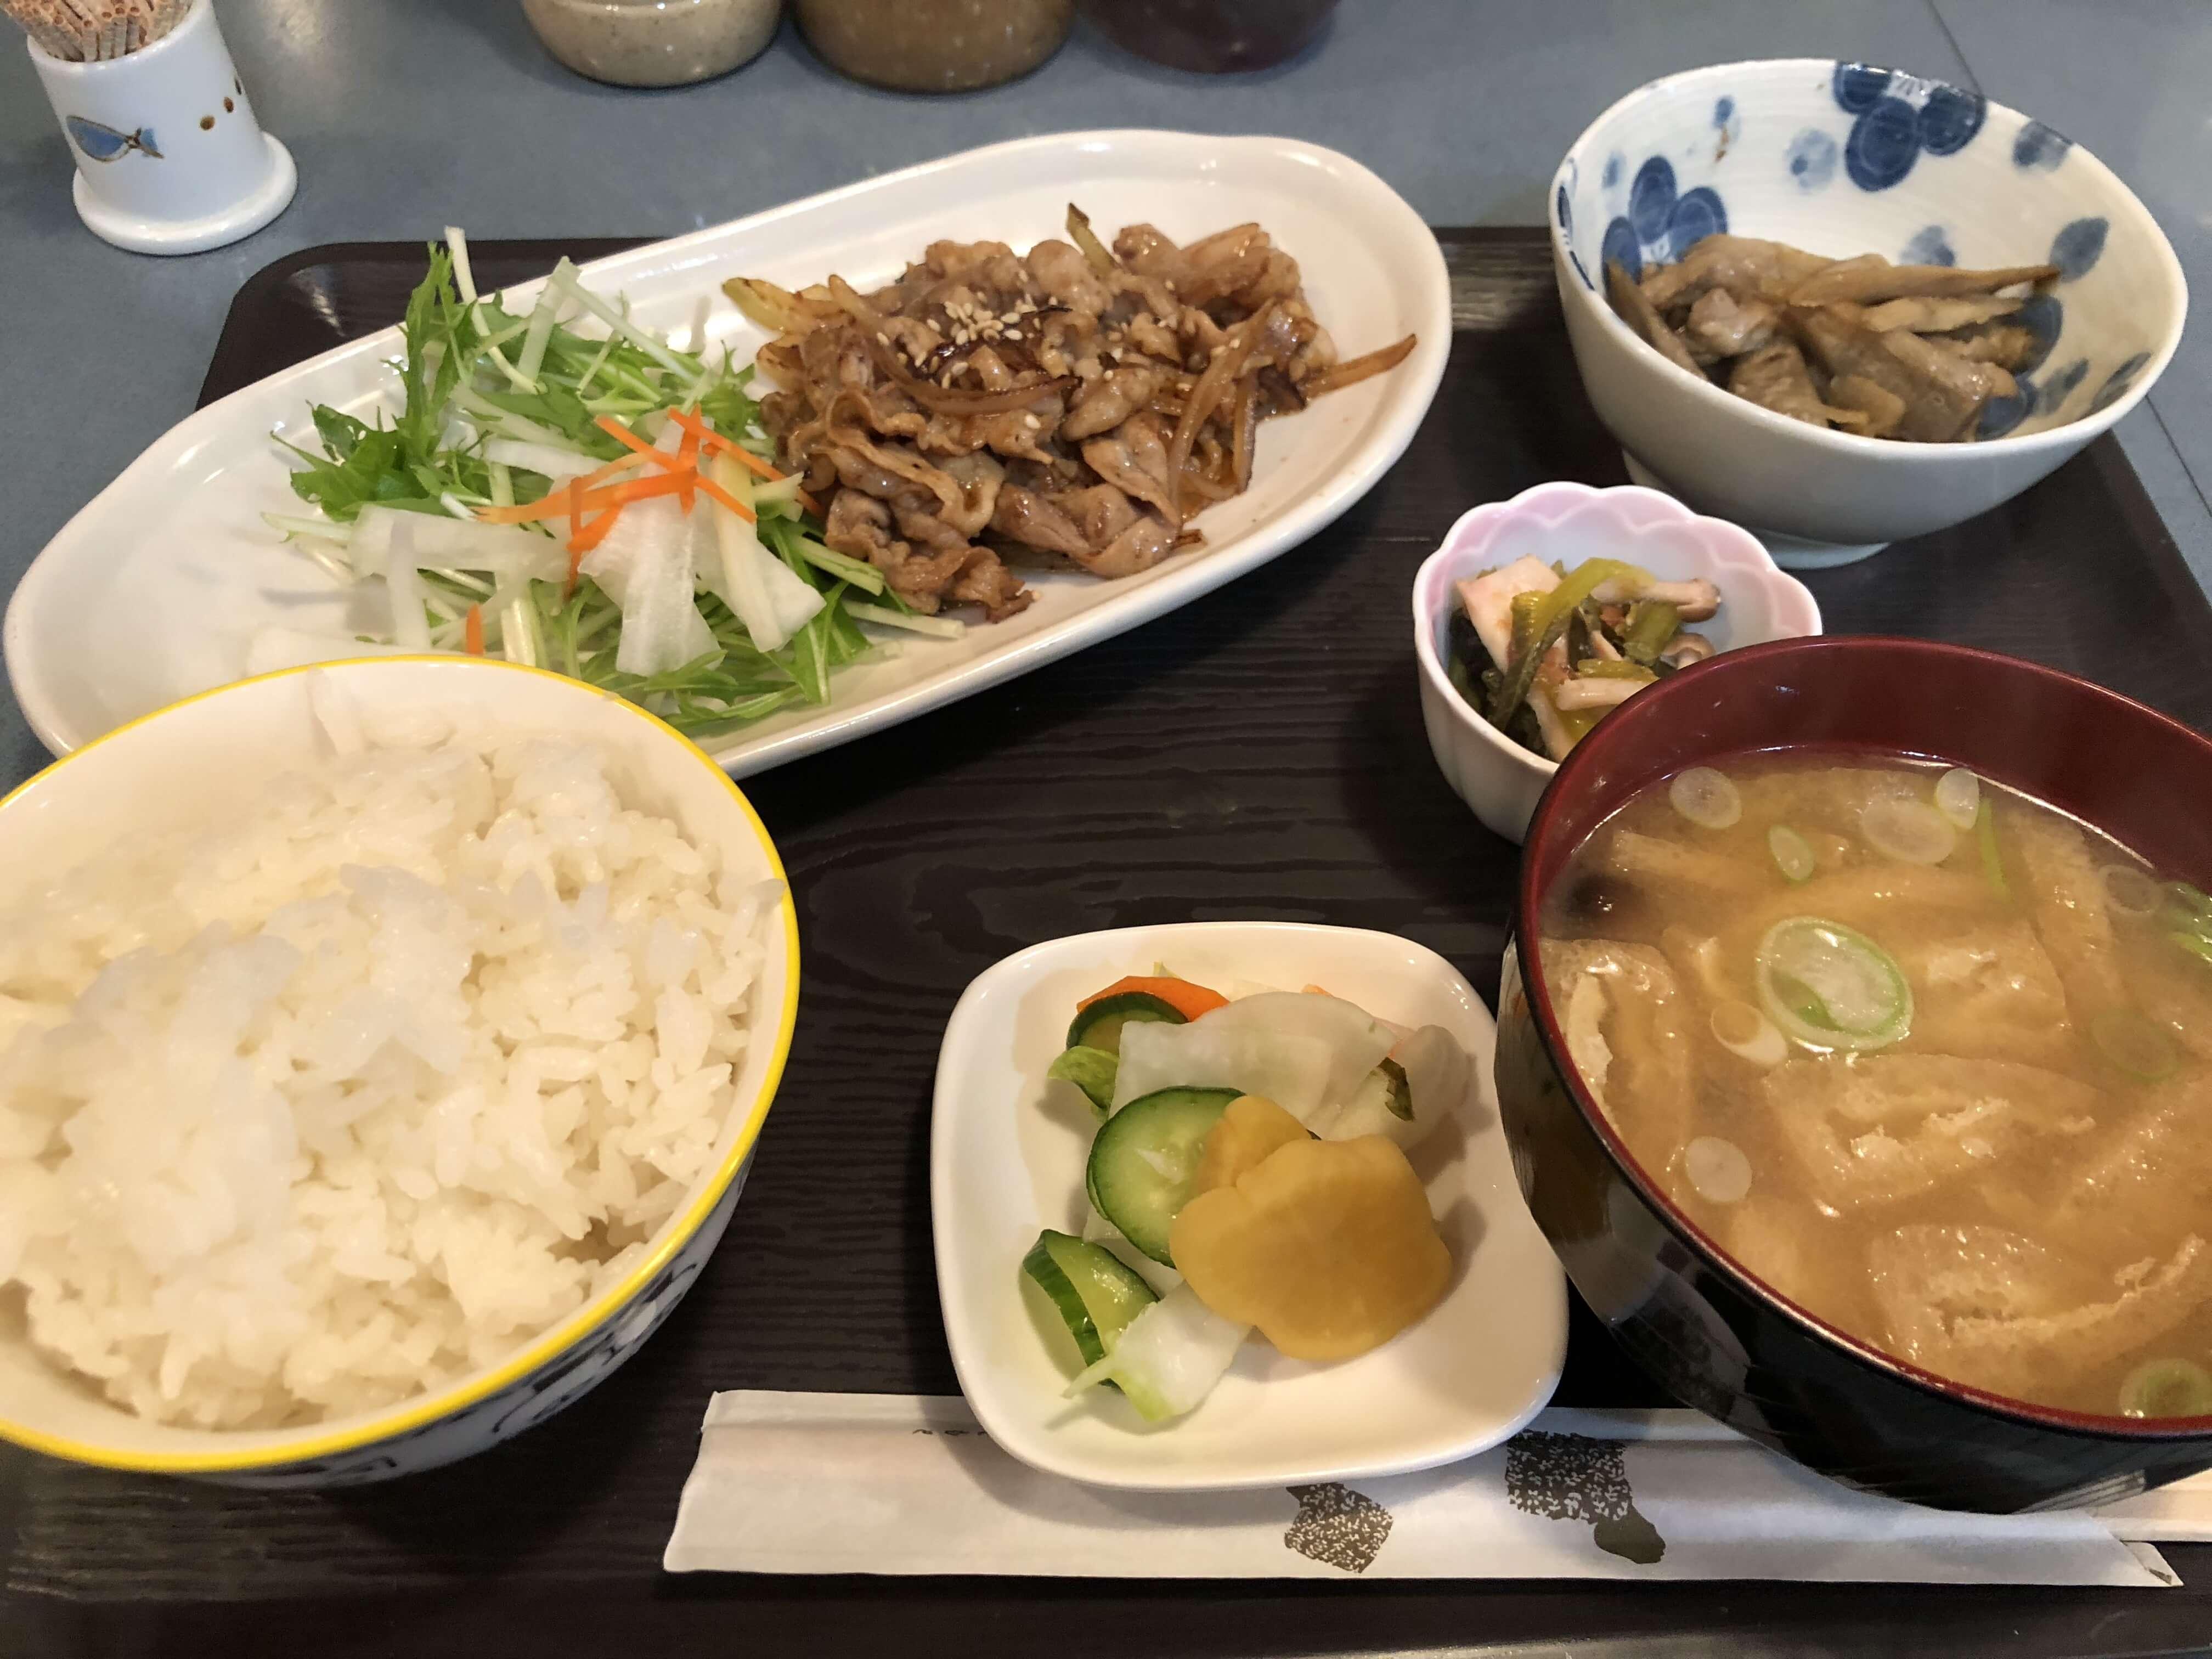 『ランチとおばんざい そら豆』泉野町にオープンした家庭料理を楽しめる場